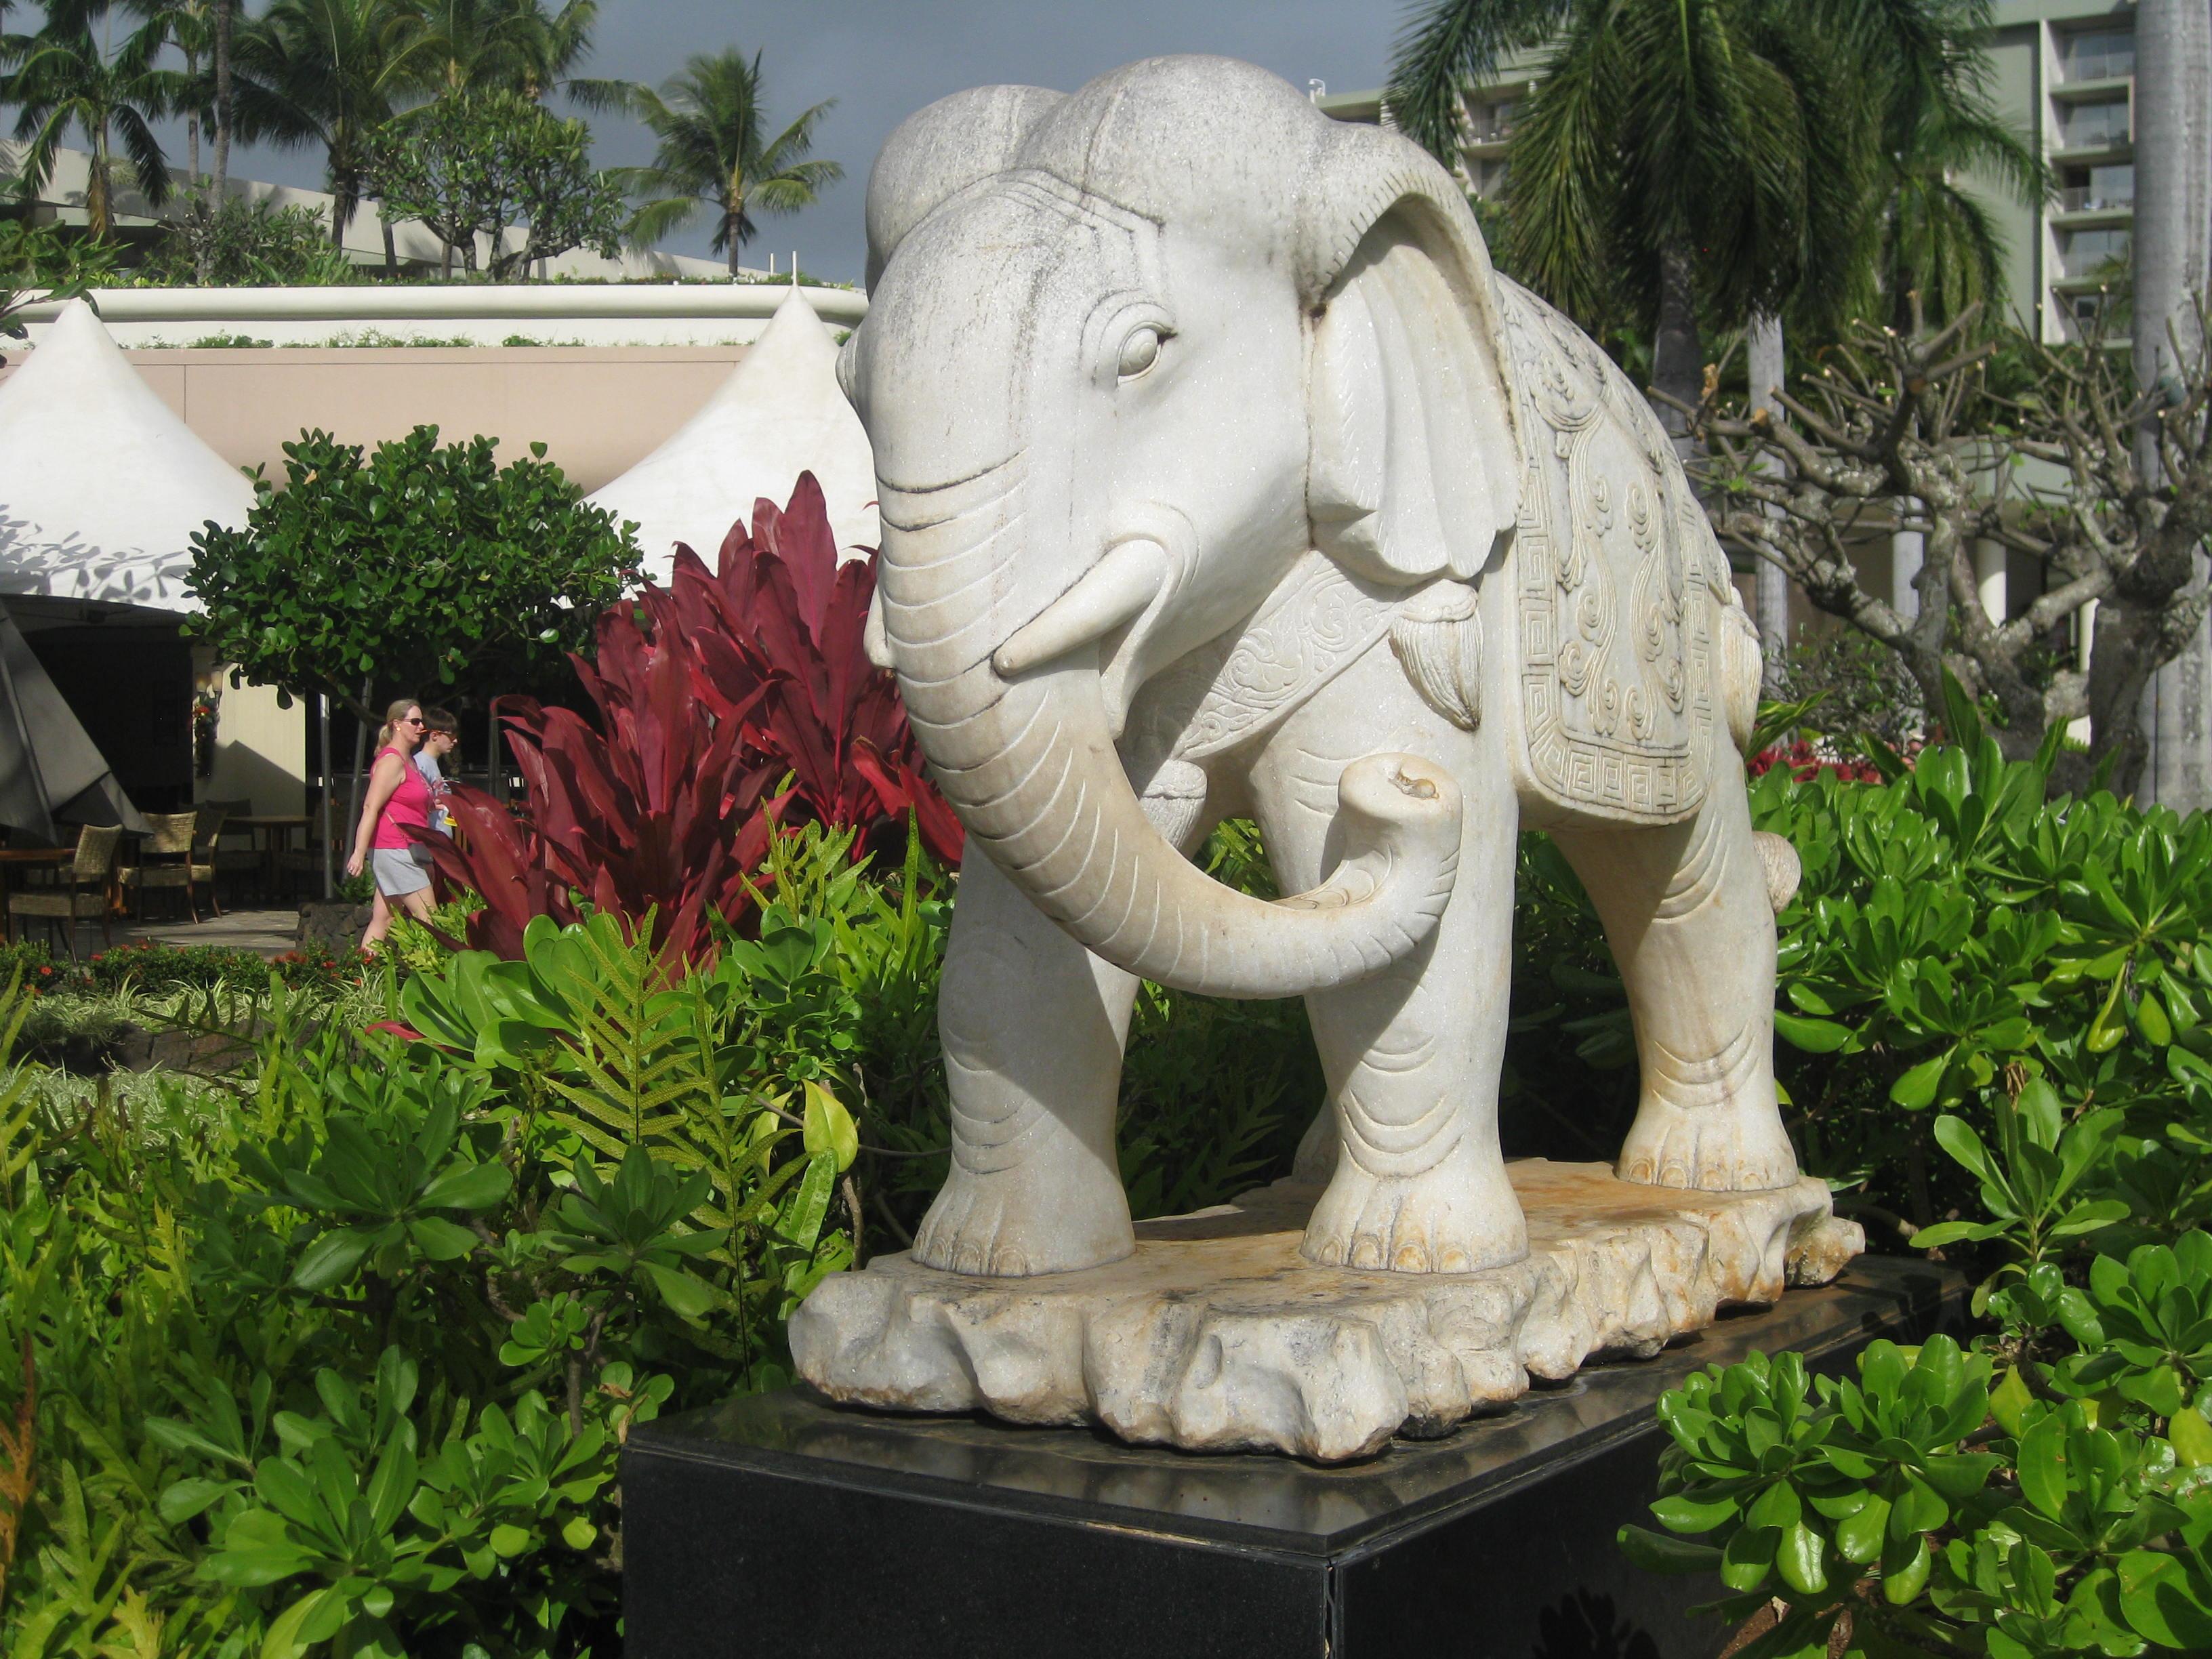 Elephant Maui